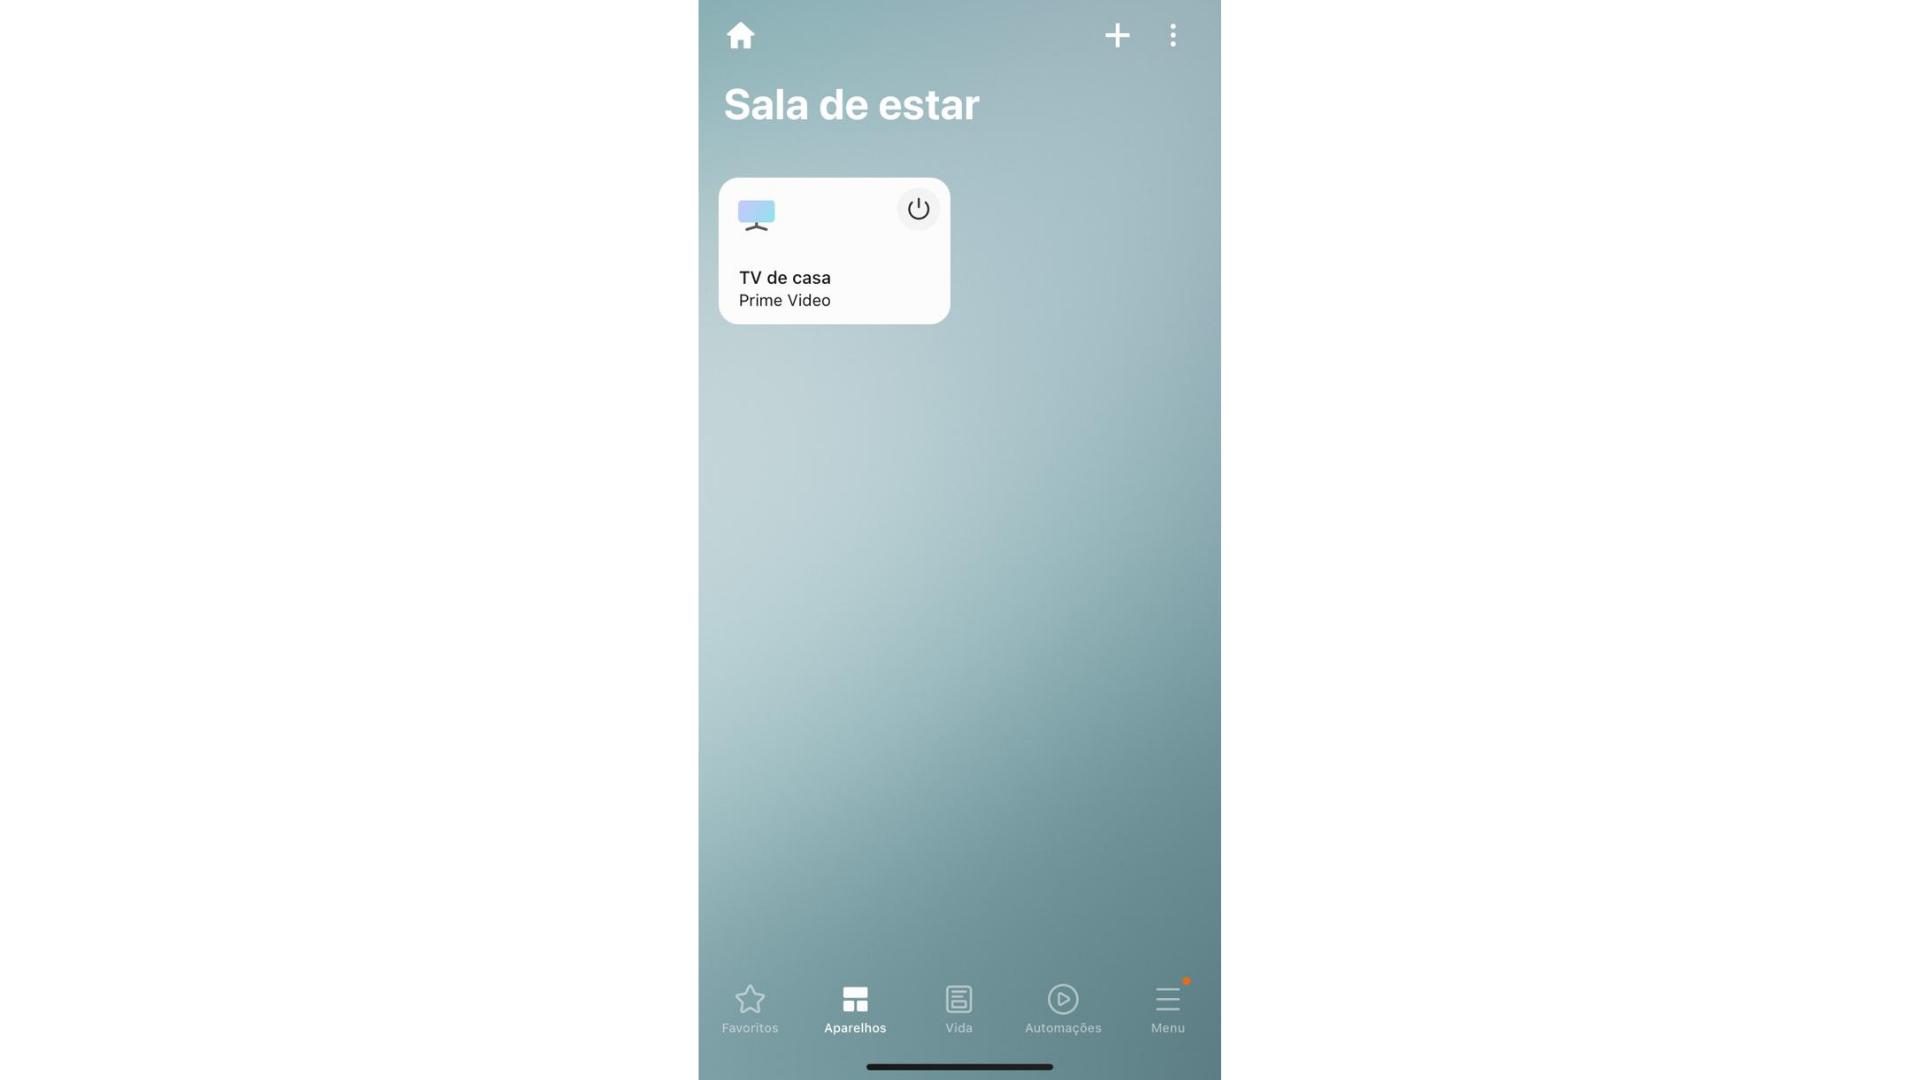 Essa é a tela inicial do Samsung SmartThings, onde estão os dispositivos cadastrados. (Imagem: Captura de tela/Zoom)